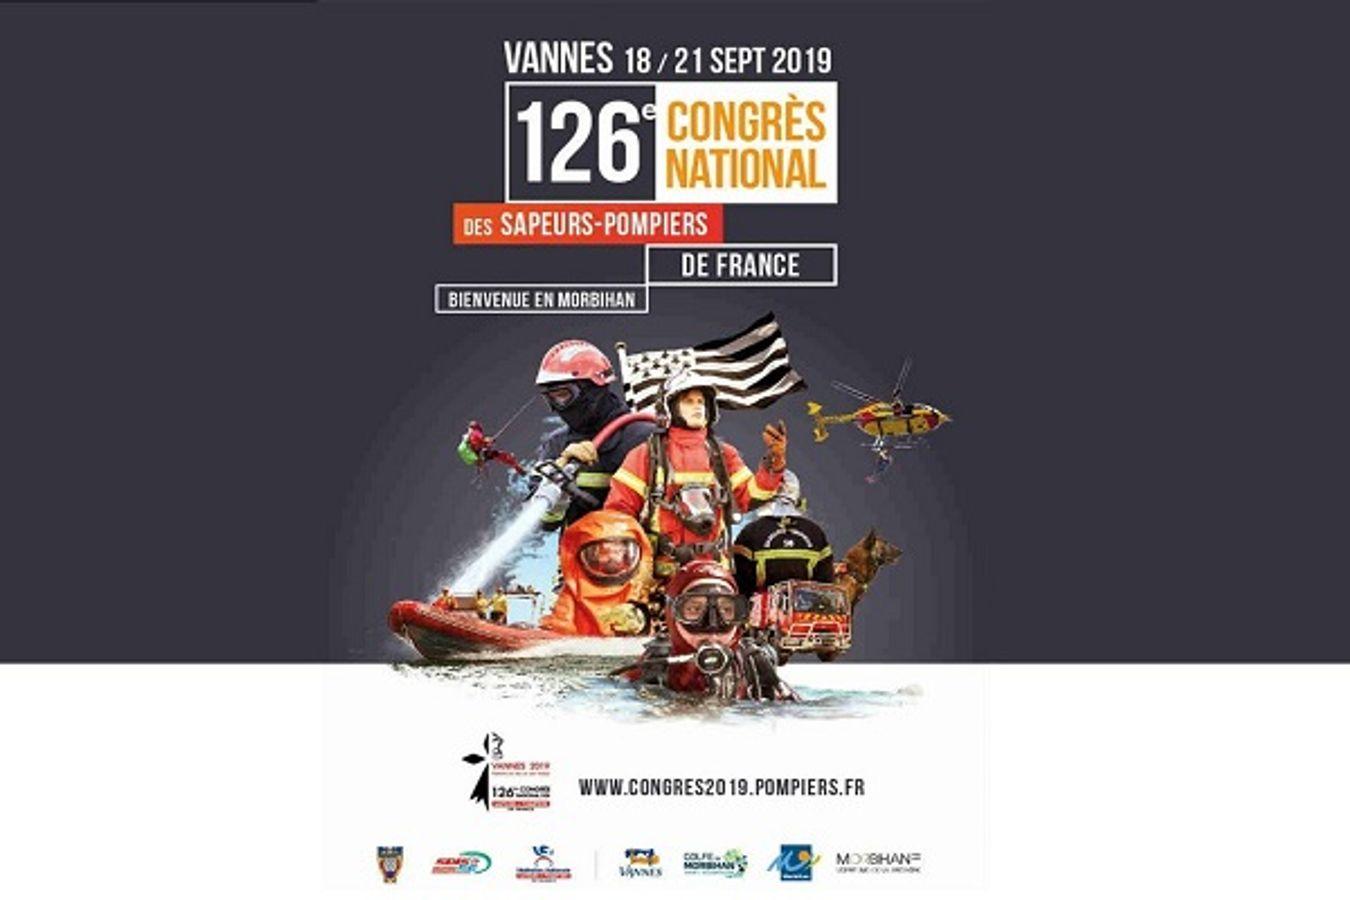 Congrès National des Sapeurs Pompiers de France 2019